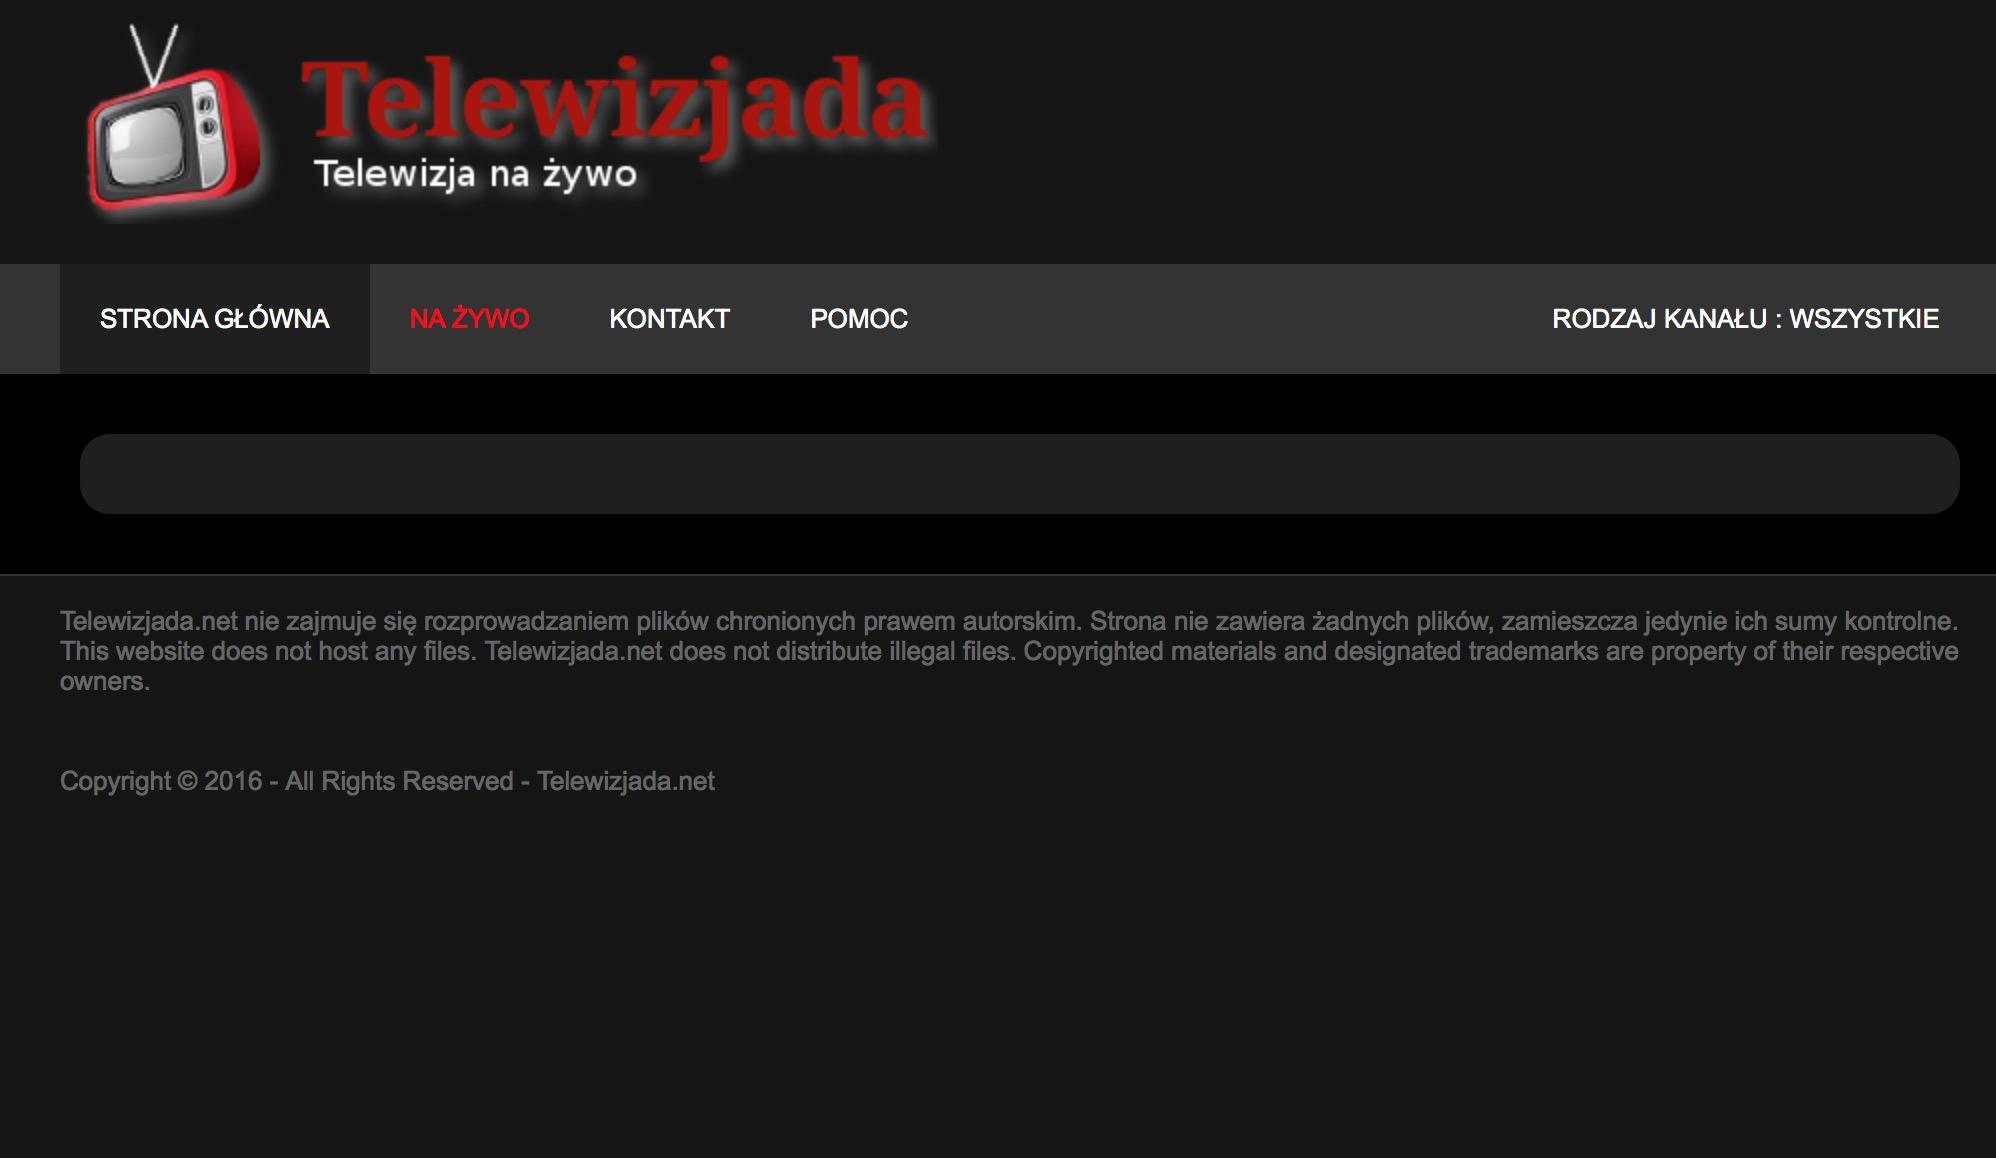 Kinoman, eKino, Telewizjada, iiTV, Kinomaniak i Torrenty.org nie działają. Gdzie oglądać filmy i seriale online?